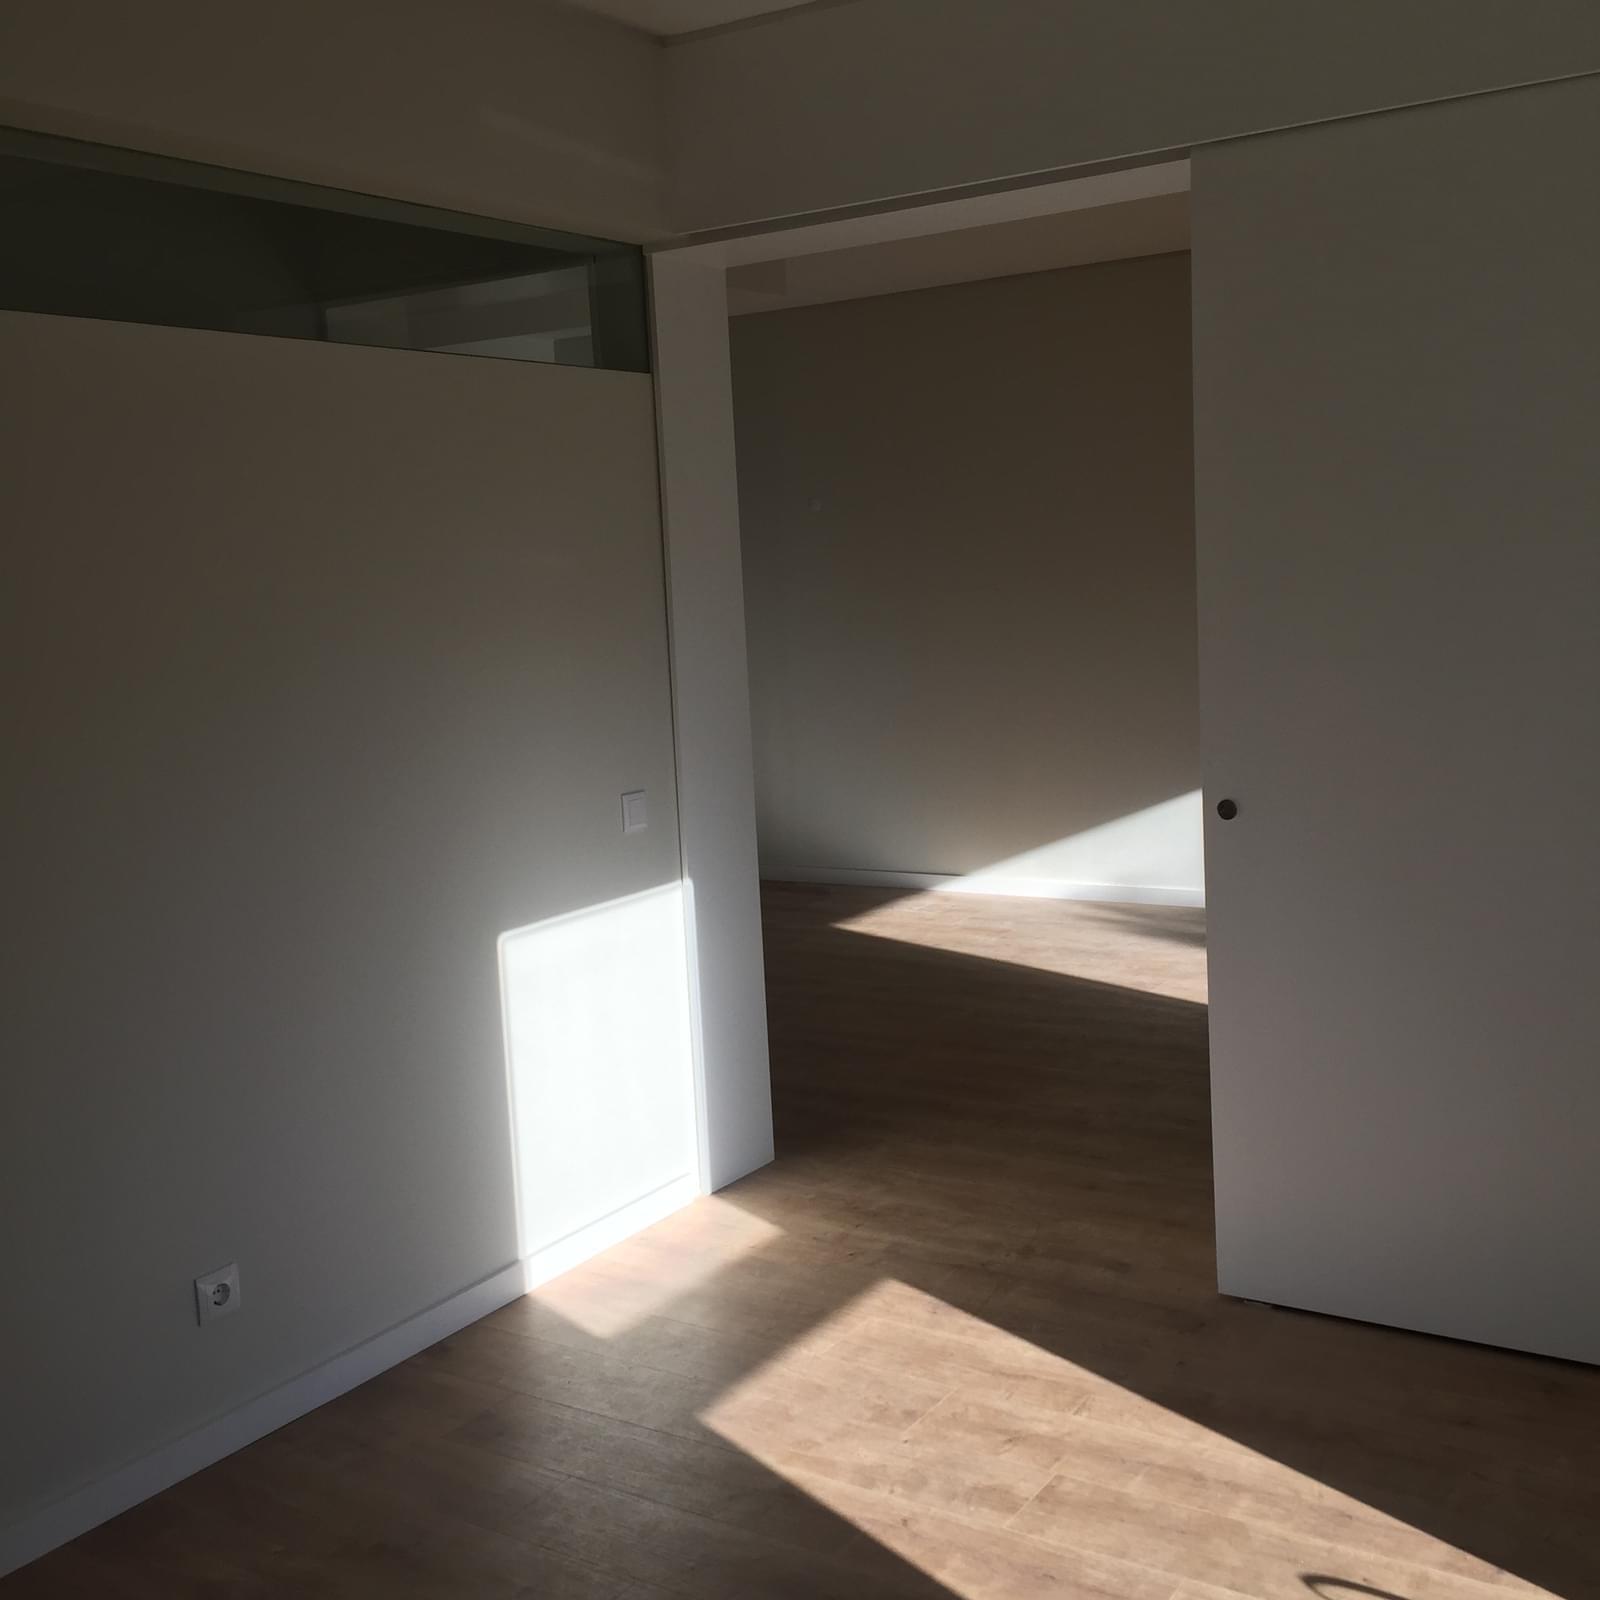 pf18756-apartamento-t2-cascais-17fd5911-da6e-4e82-9f12-6df0cdc33d01